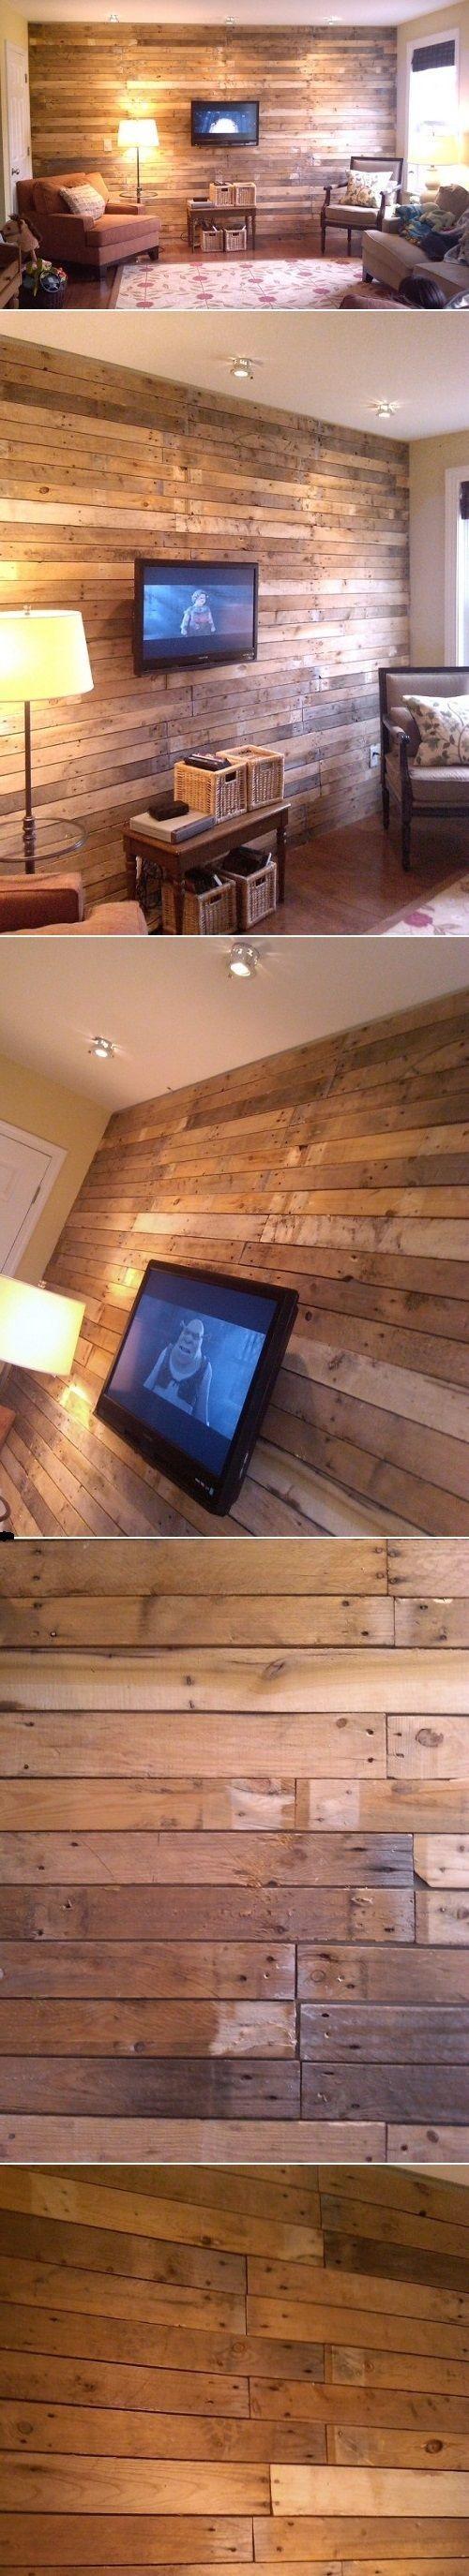 Ecco come è possibile rivestire una parete con i pallet! Guarda il risultato! 17 idee…